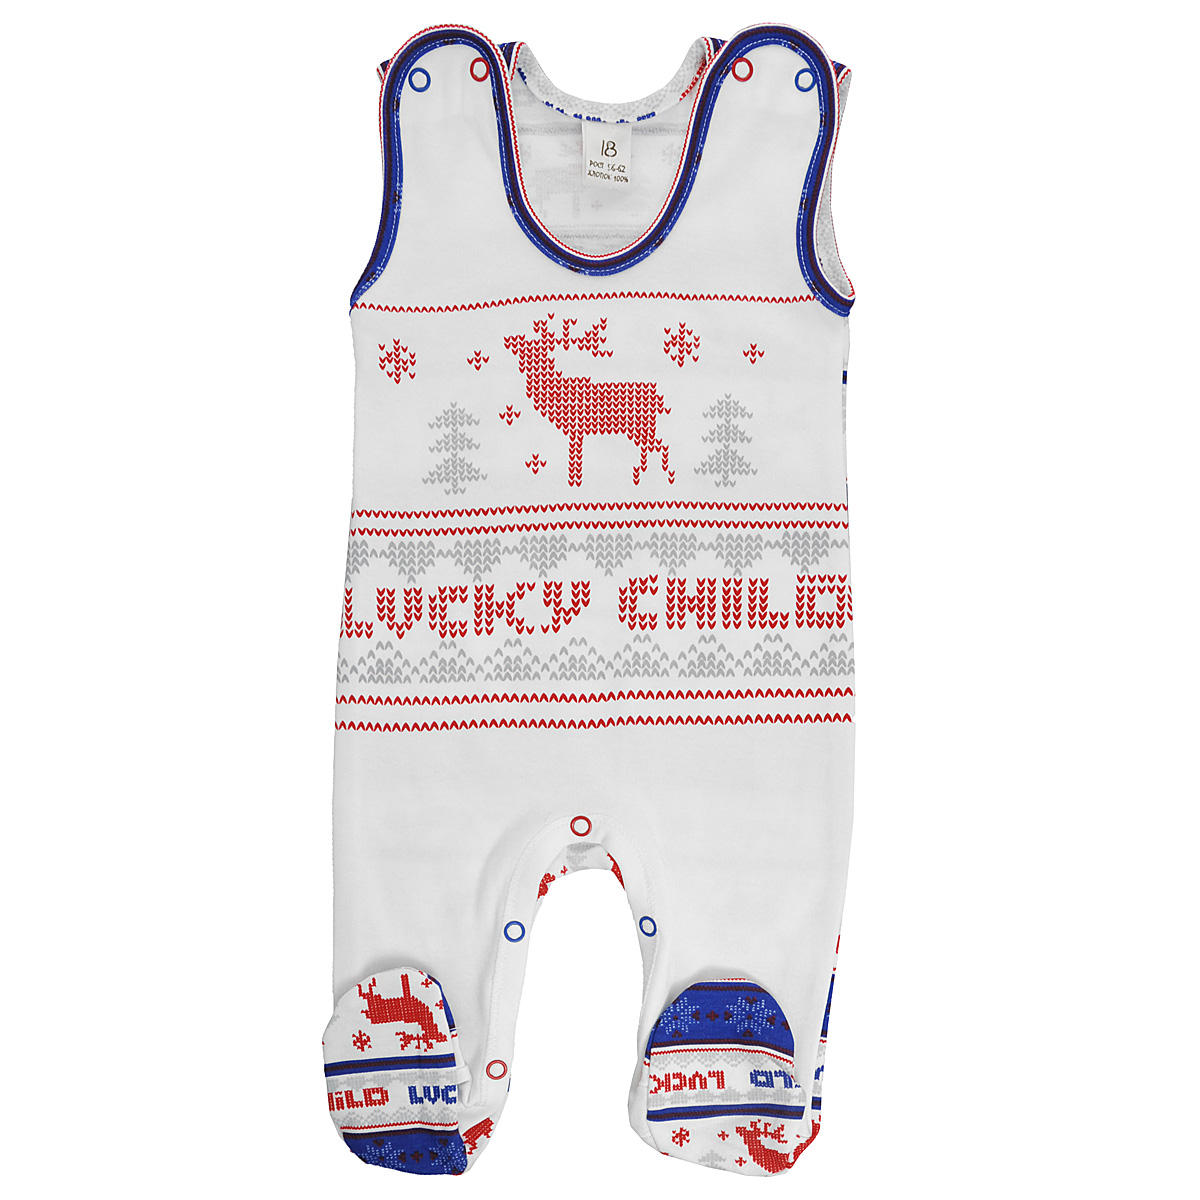 Ползунки с грудкой Lucky Child, цвет: молочный, красный, синий. 10-2. Размер 80/86 пижама для девочки lucky child цвет кремовый желтый оранжевый 12 402 размер 80 86